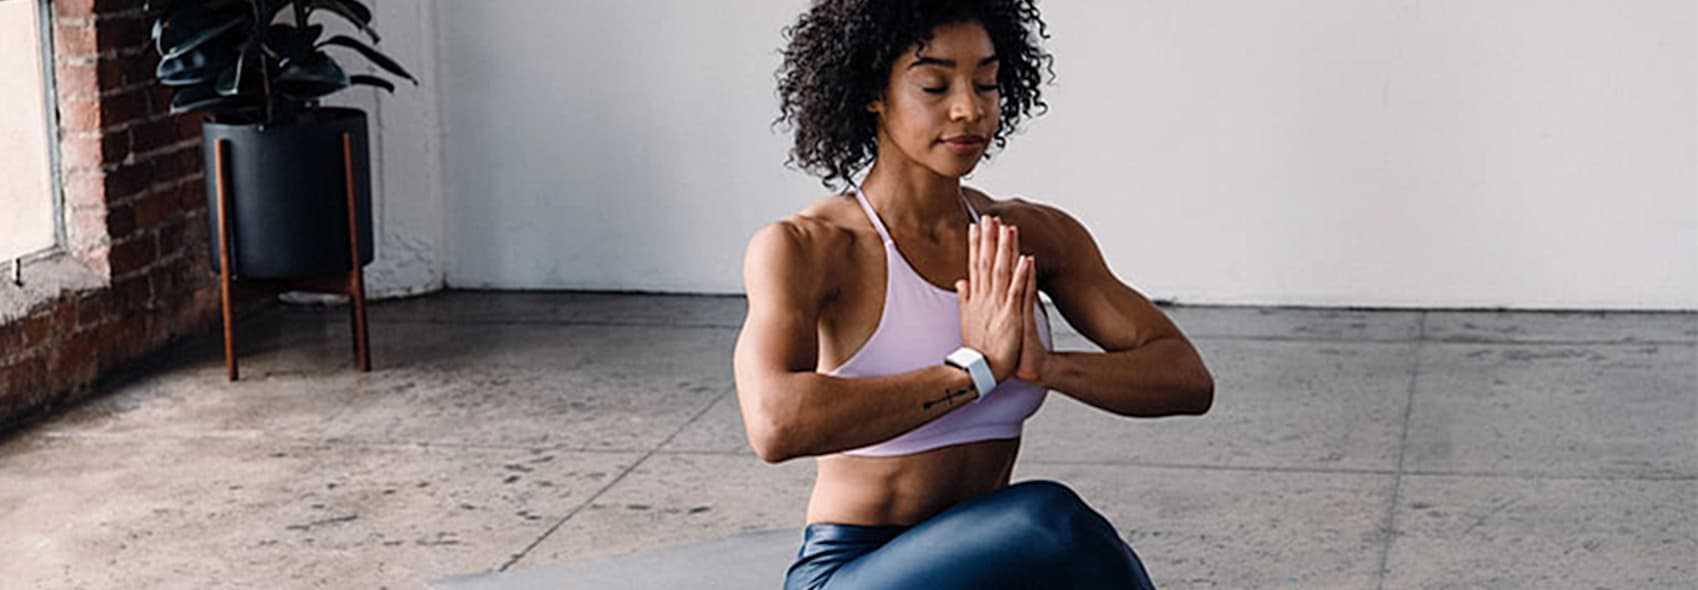 Wellbeing app yogi yoga